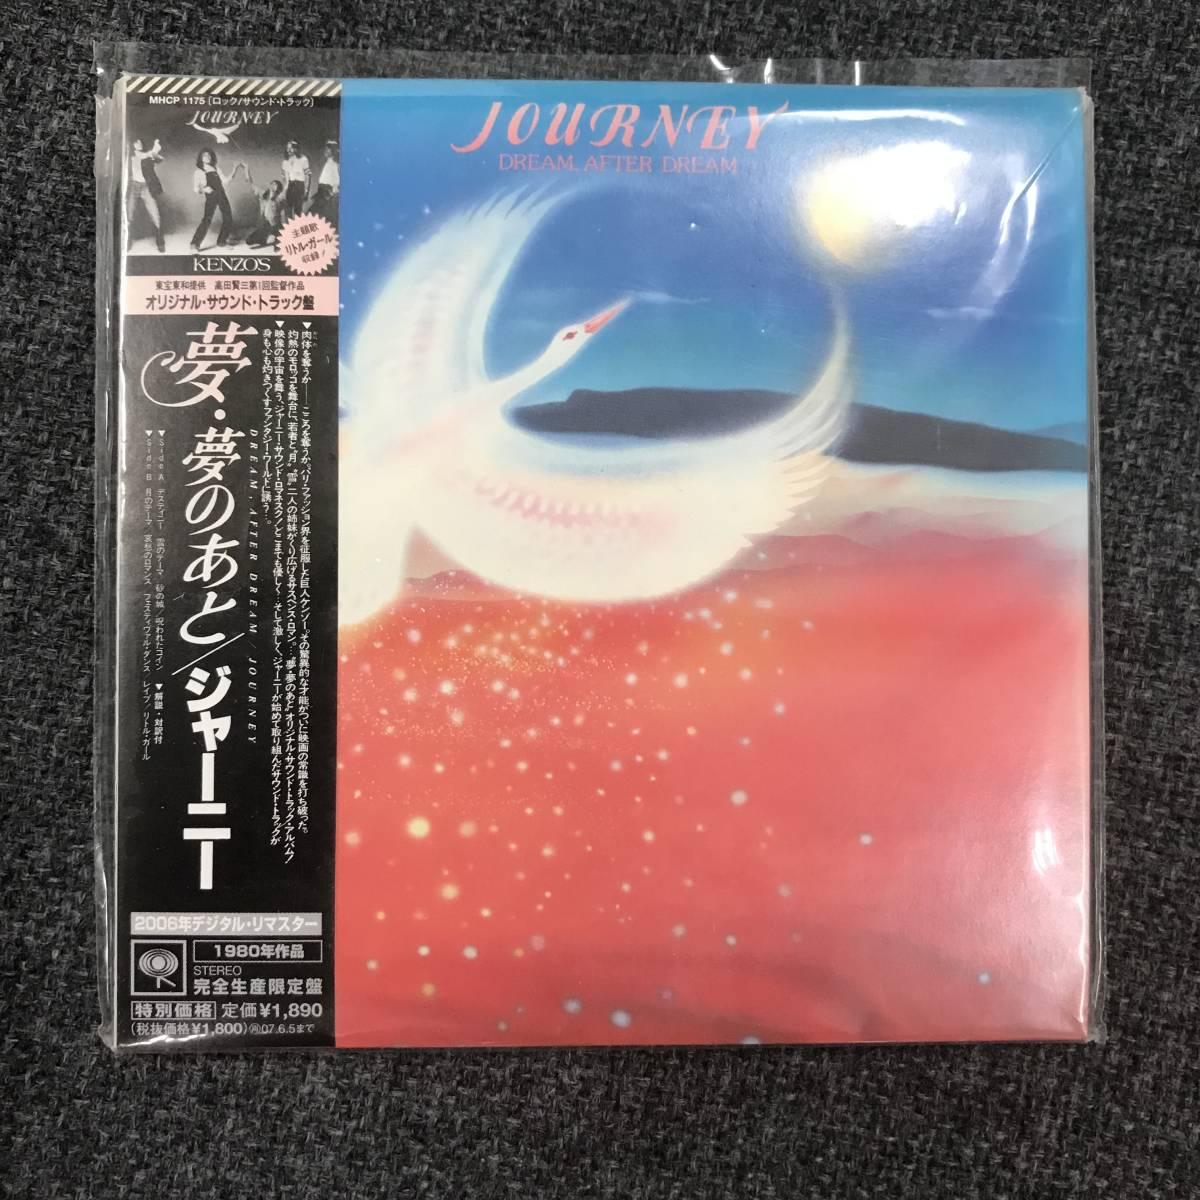 新品未開封CD☆ジャーニー 夢、夢のあと(紙ジャケット仕様)/MHCP1175/